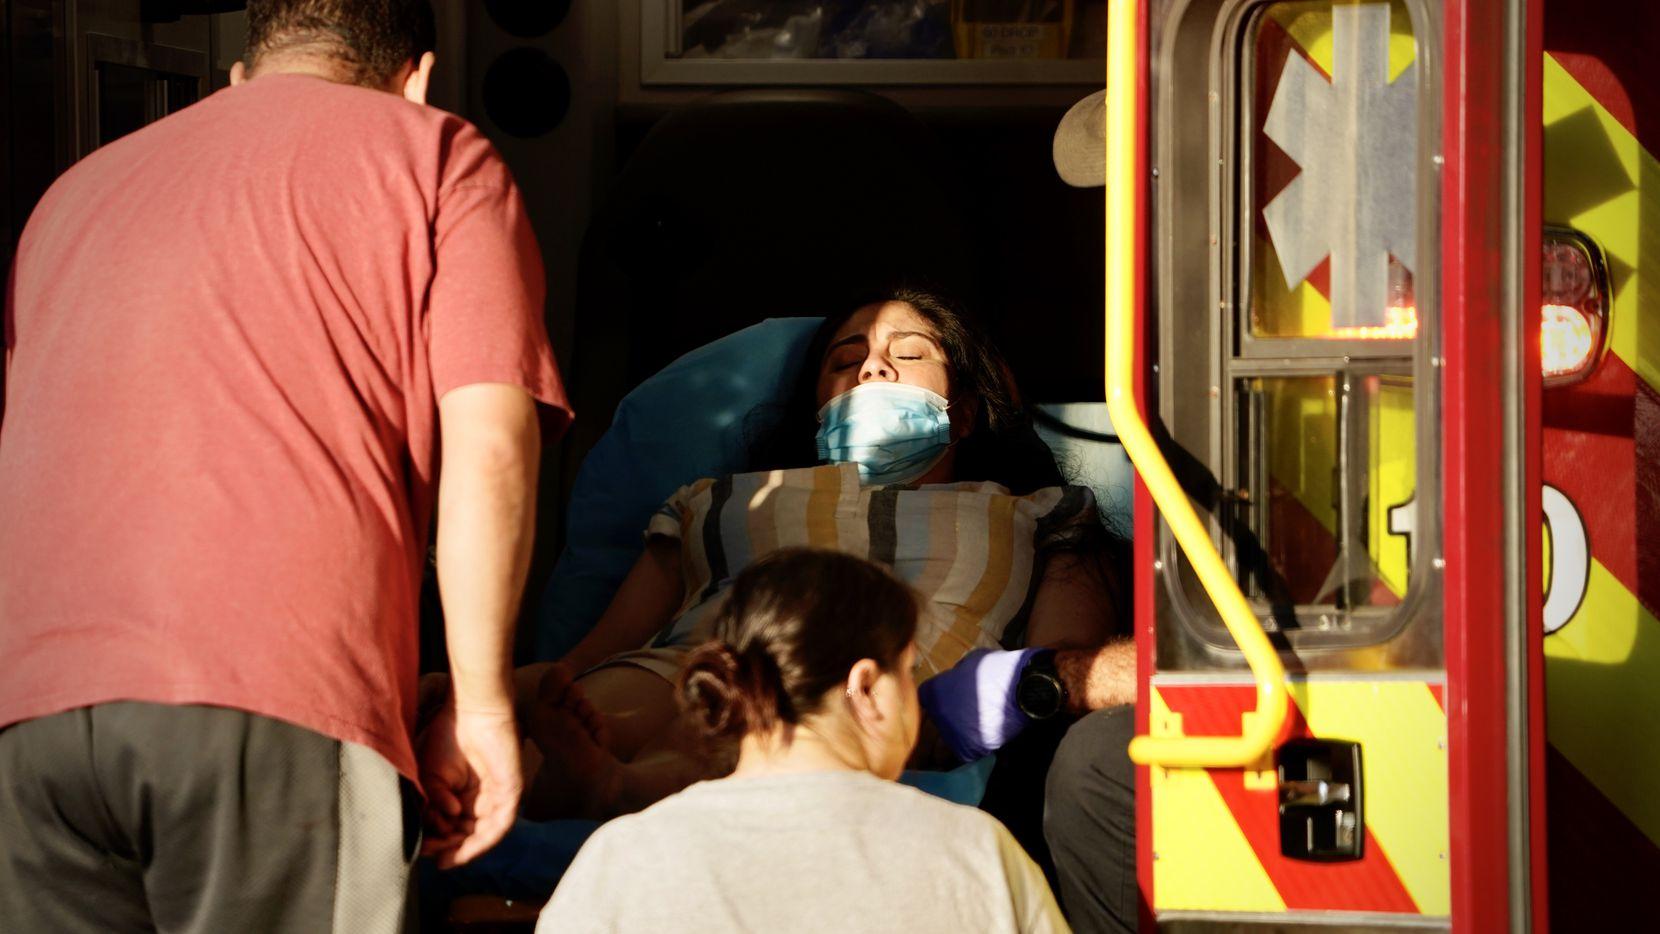 Una mujer recibe atención médica por el departamento de bomberos de Dallas afuera de Galleria Mall el martes 16 de junio de 2020. No estaba herida. Más tarde se la vio irse sola.